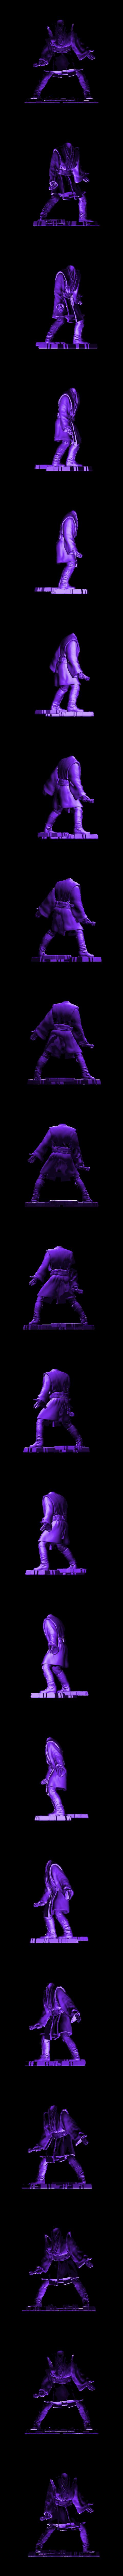 Jedi body clean.stl Télécharger fichier STL gratuit jedi • Objet pour impression 3D, tutus